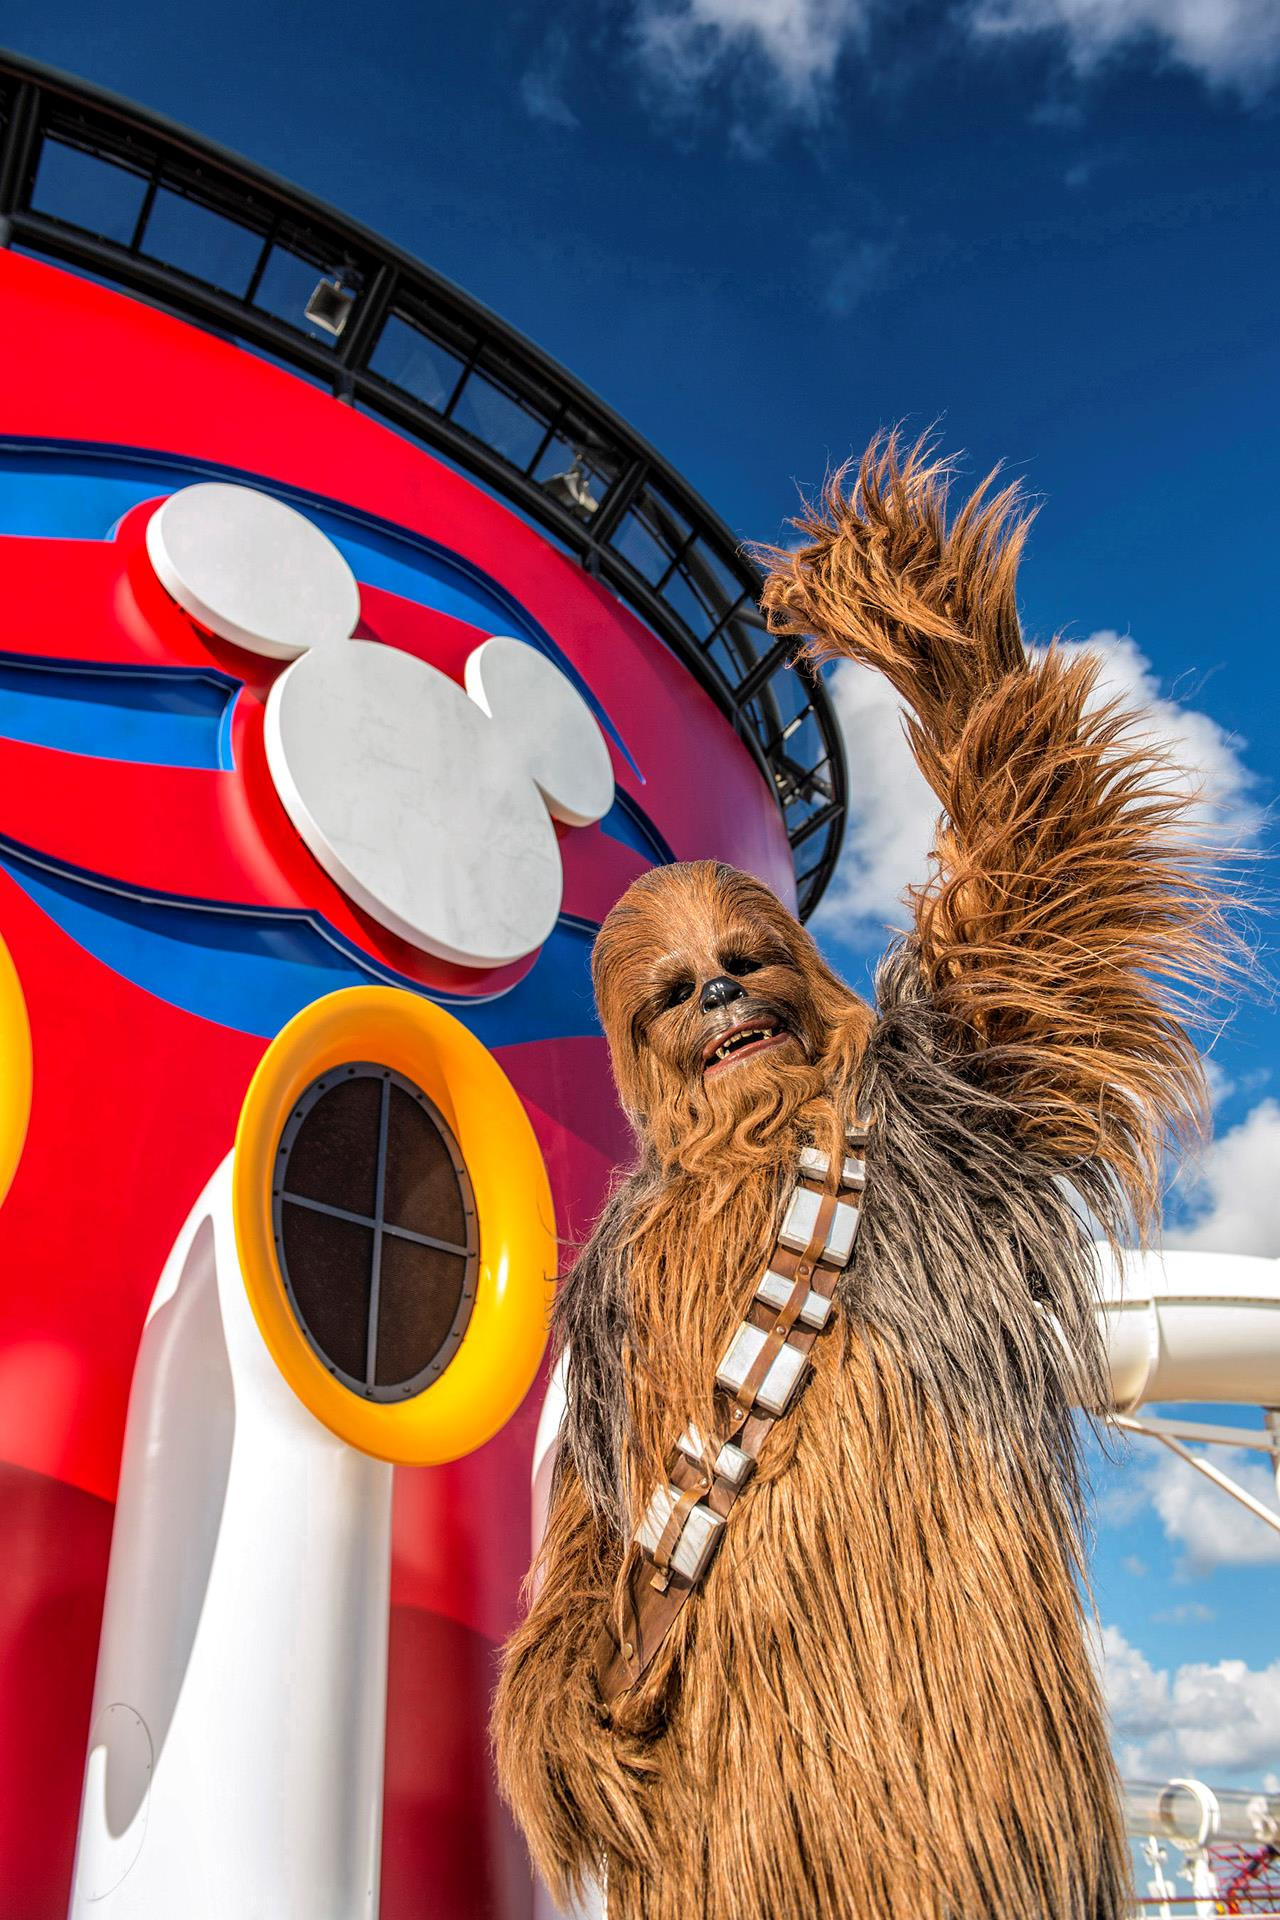 Chewbacca per le crociere a tema Star Wars